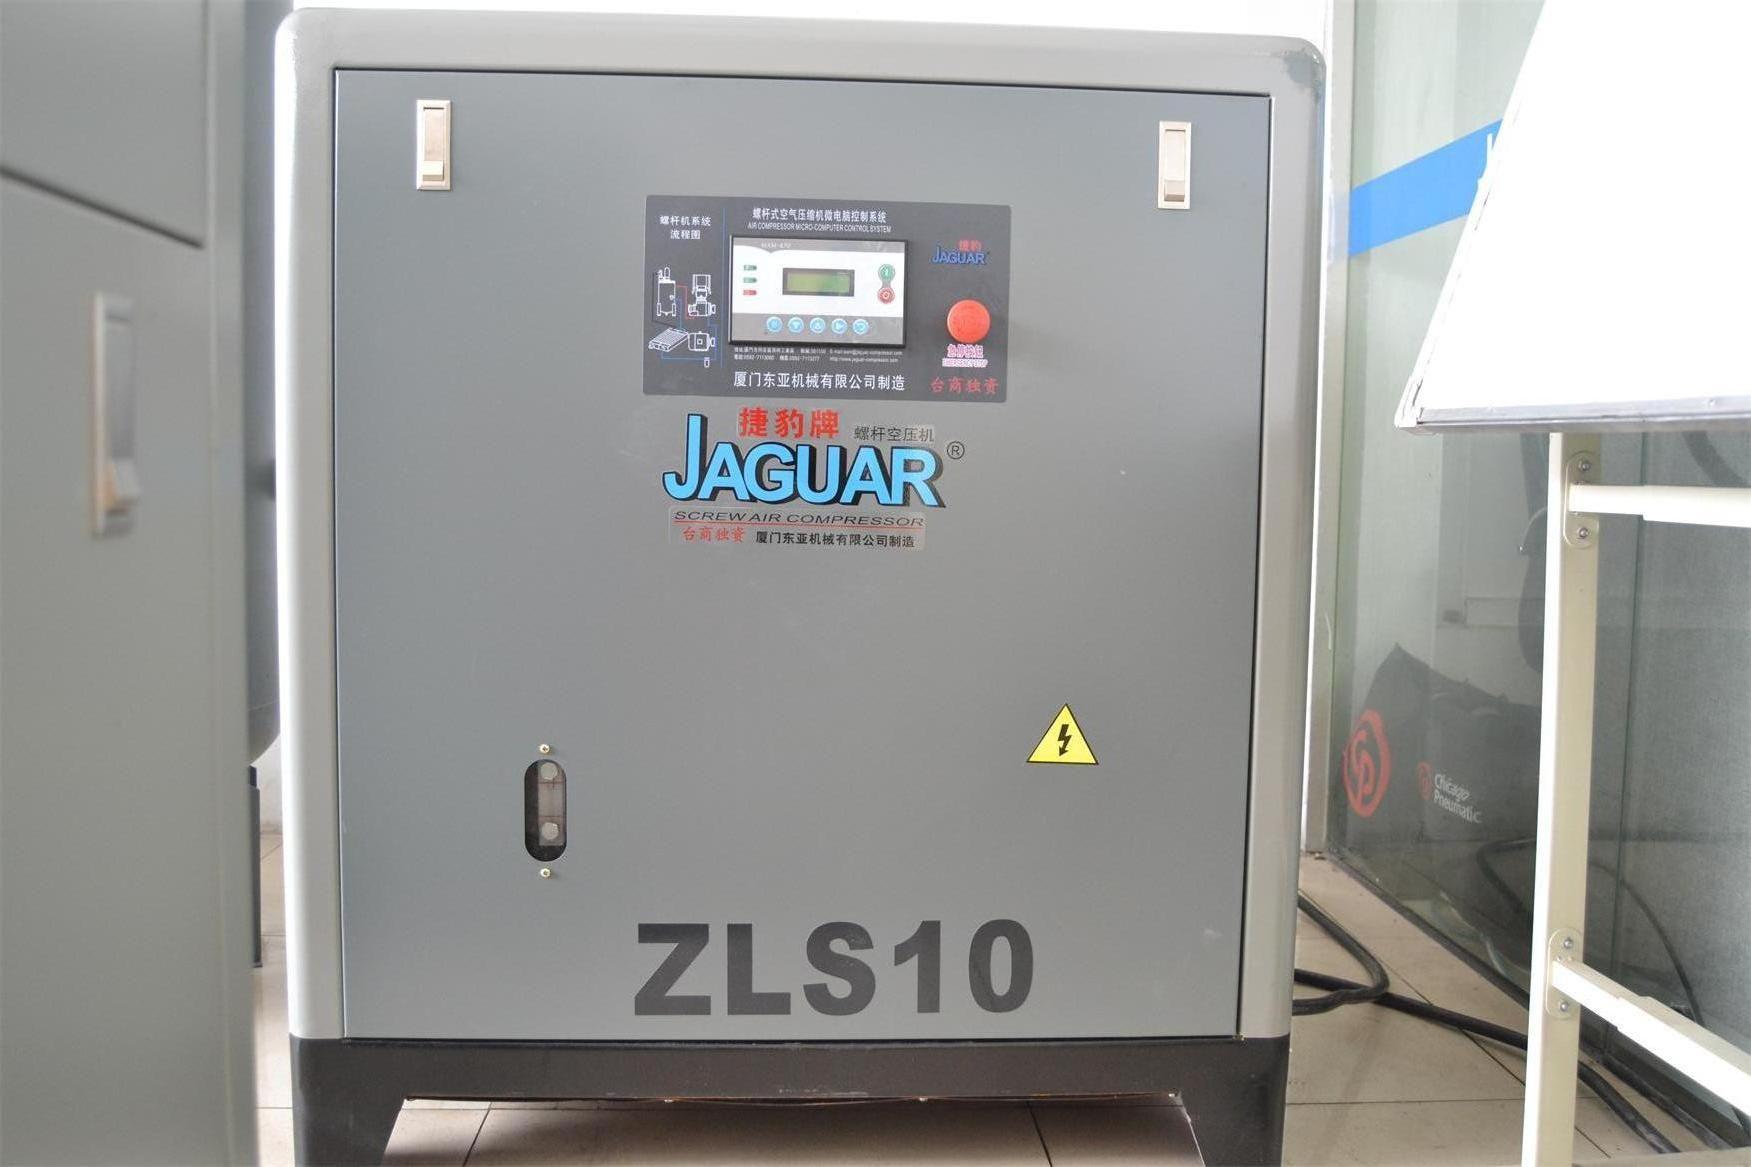 台湾捷豹直联空压机ZLS10 上海7.5KW螺杆空压机 7.5KW螺杆空压机 直联空压机 价格 谷瀑环保